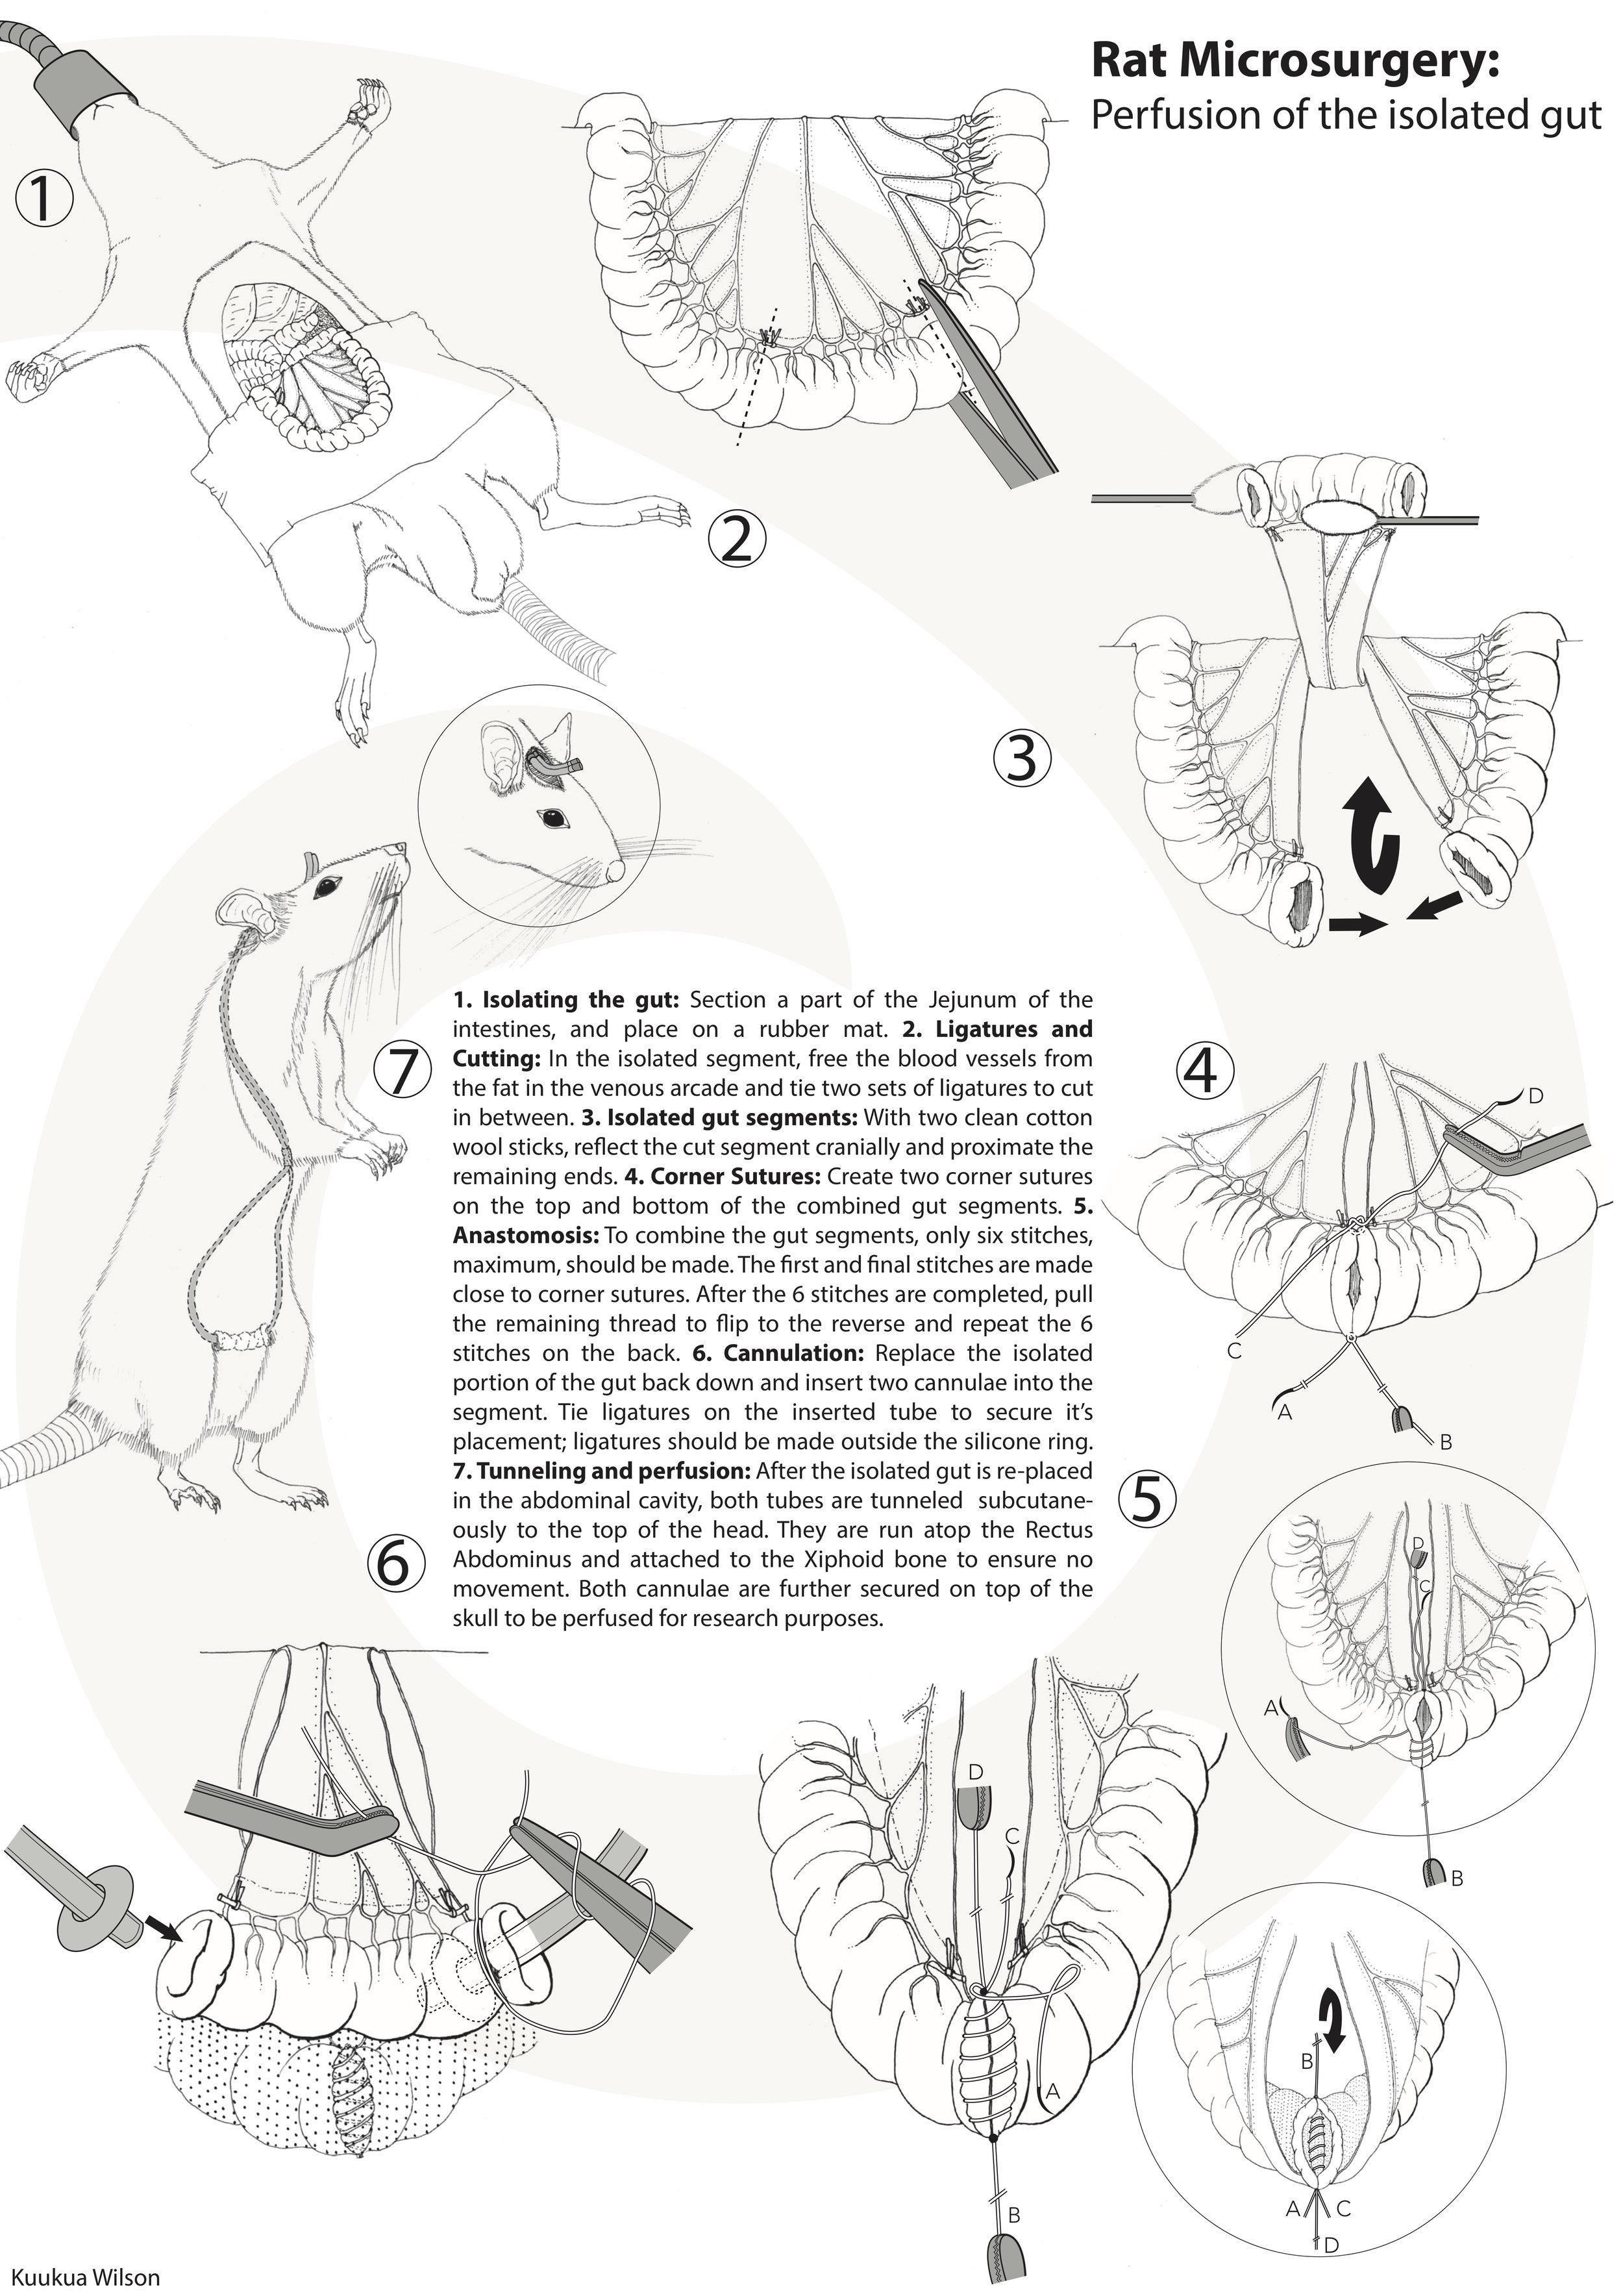 C3_Rat Microsurgery_kuukua_FINAL.jpg